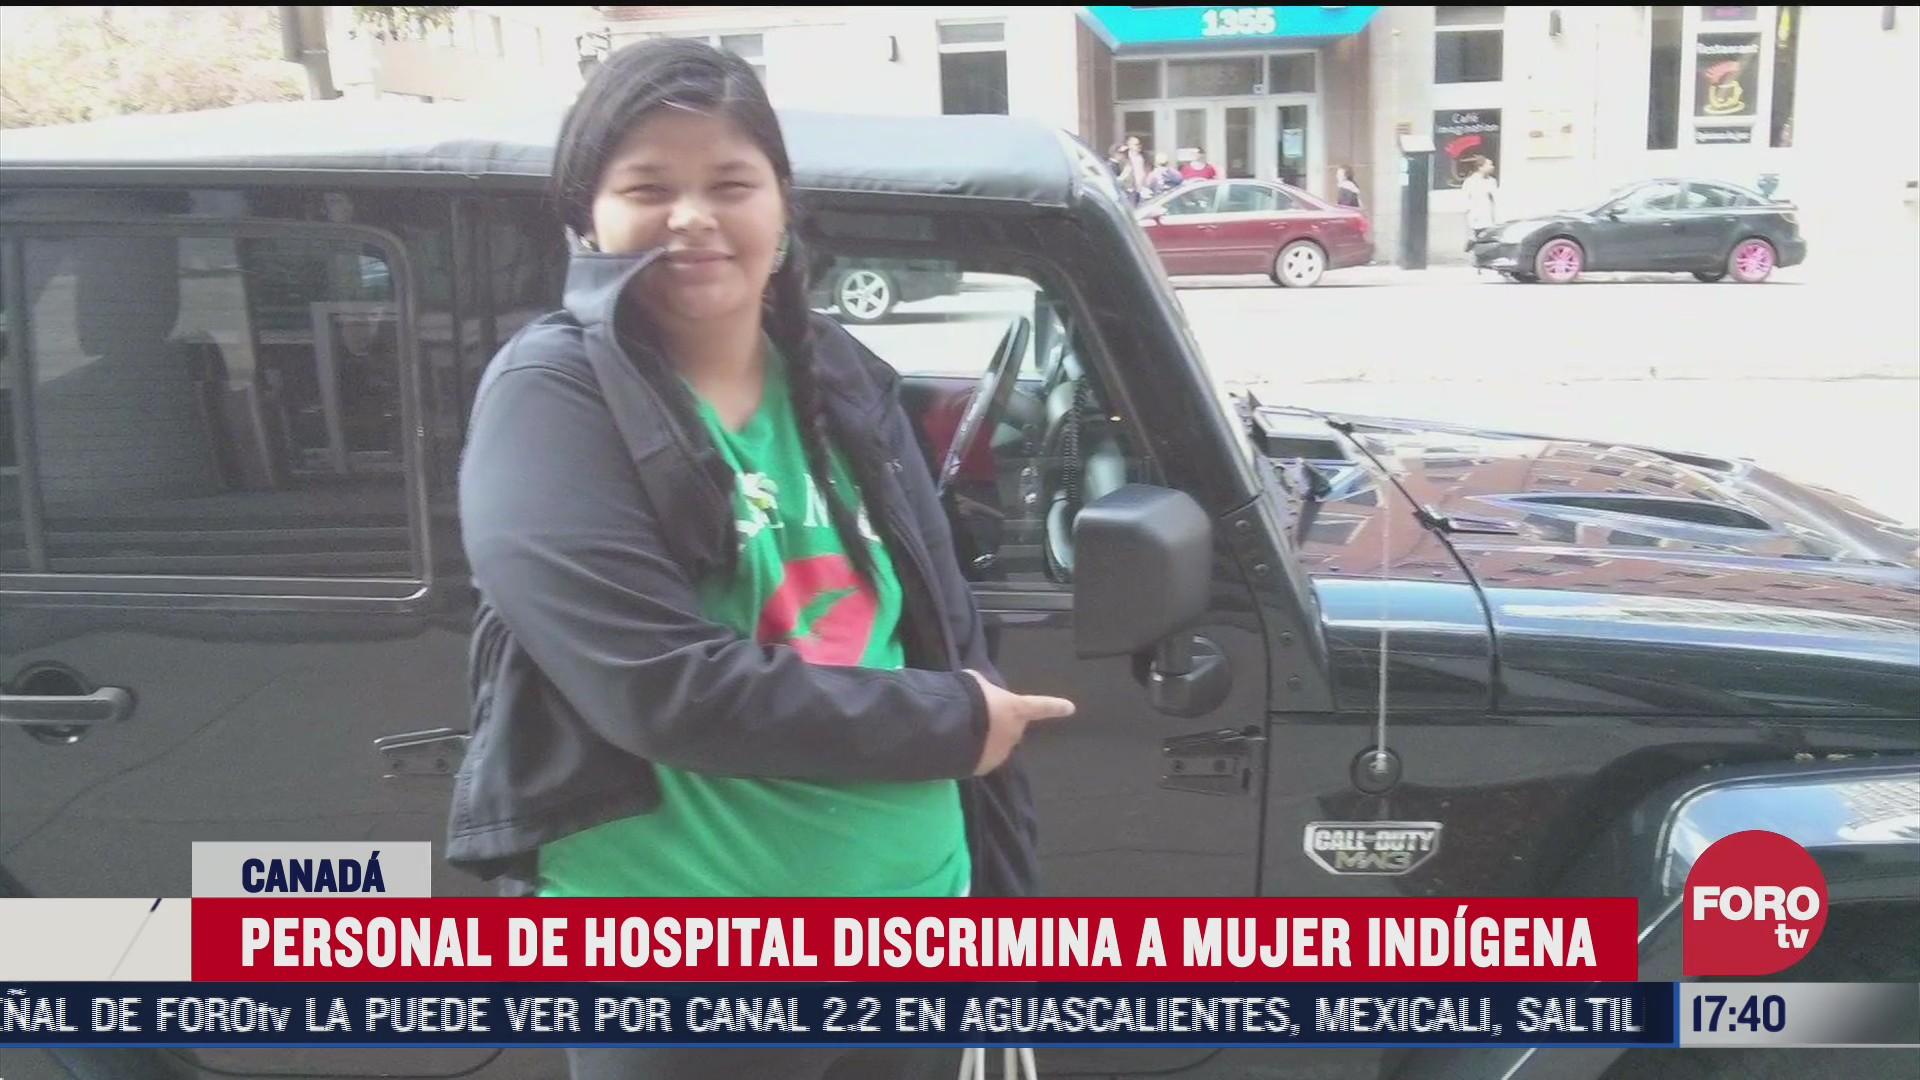 personal de hospital discrimina a mujer indigena